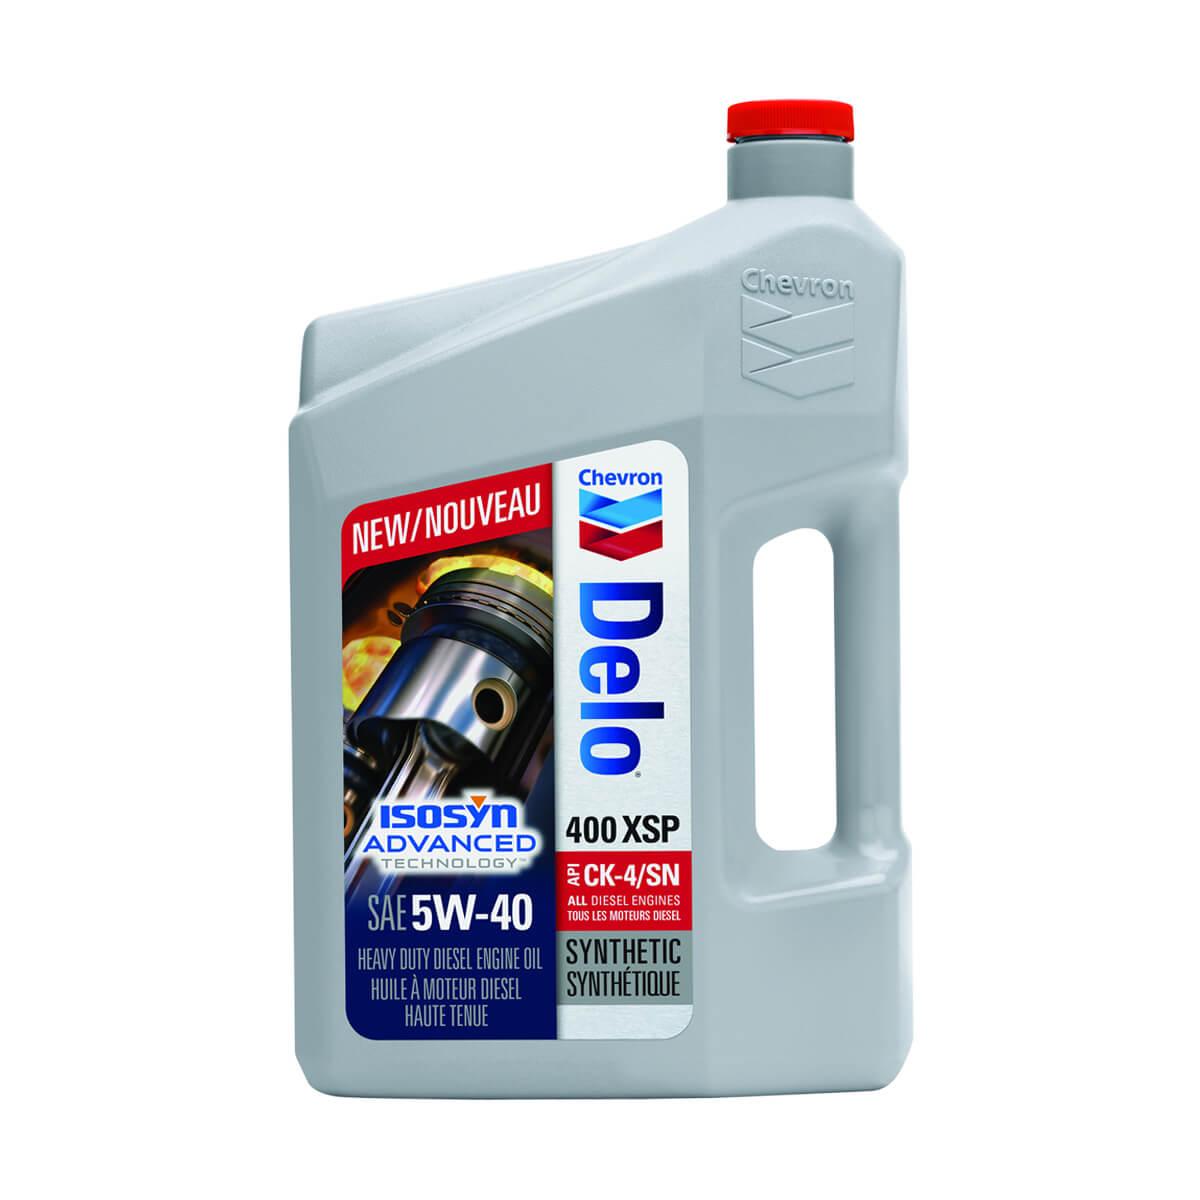 Chevron Delo 400 XSP 5W-40 - 3.78 L